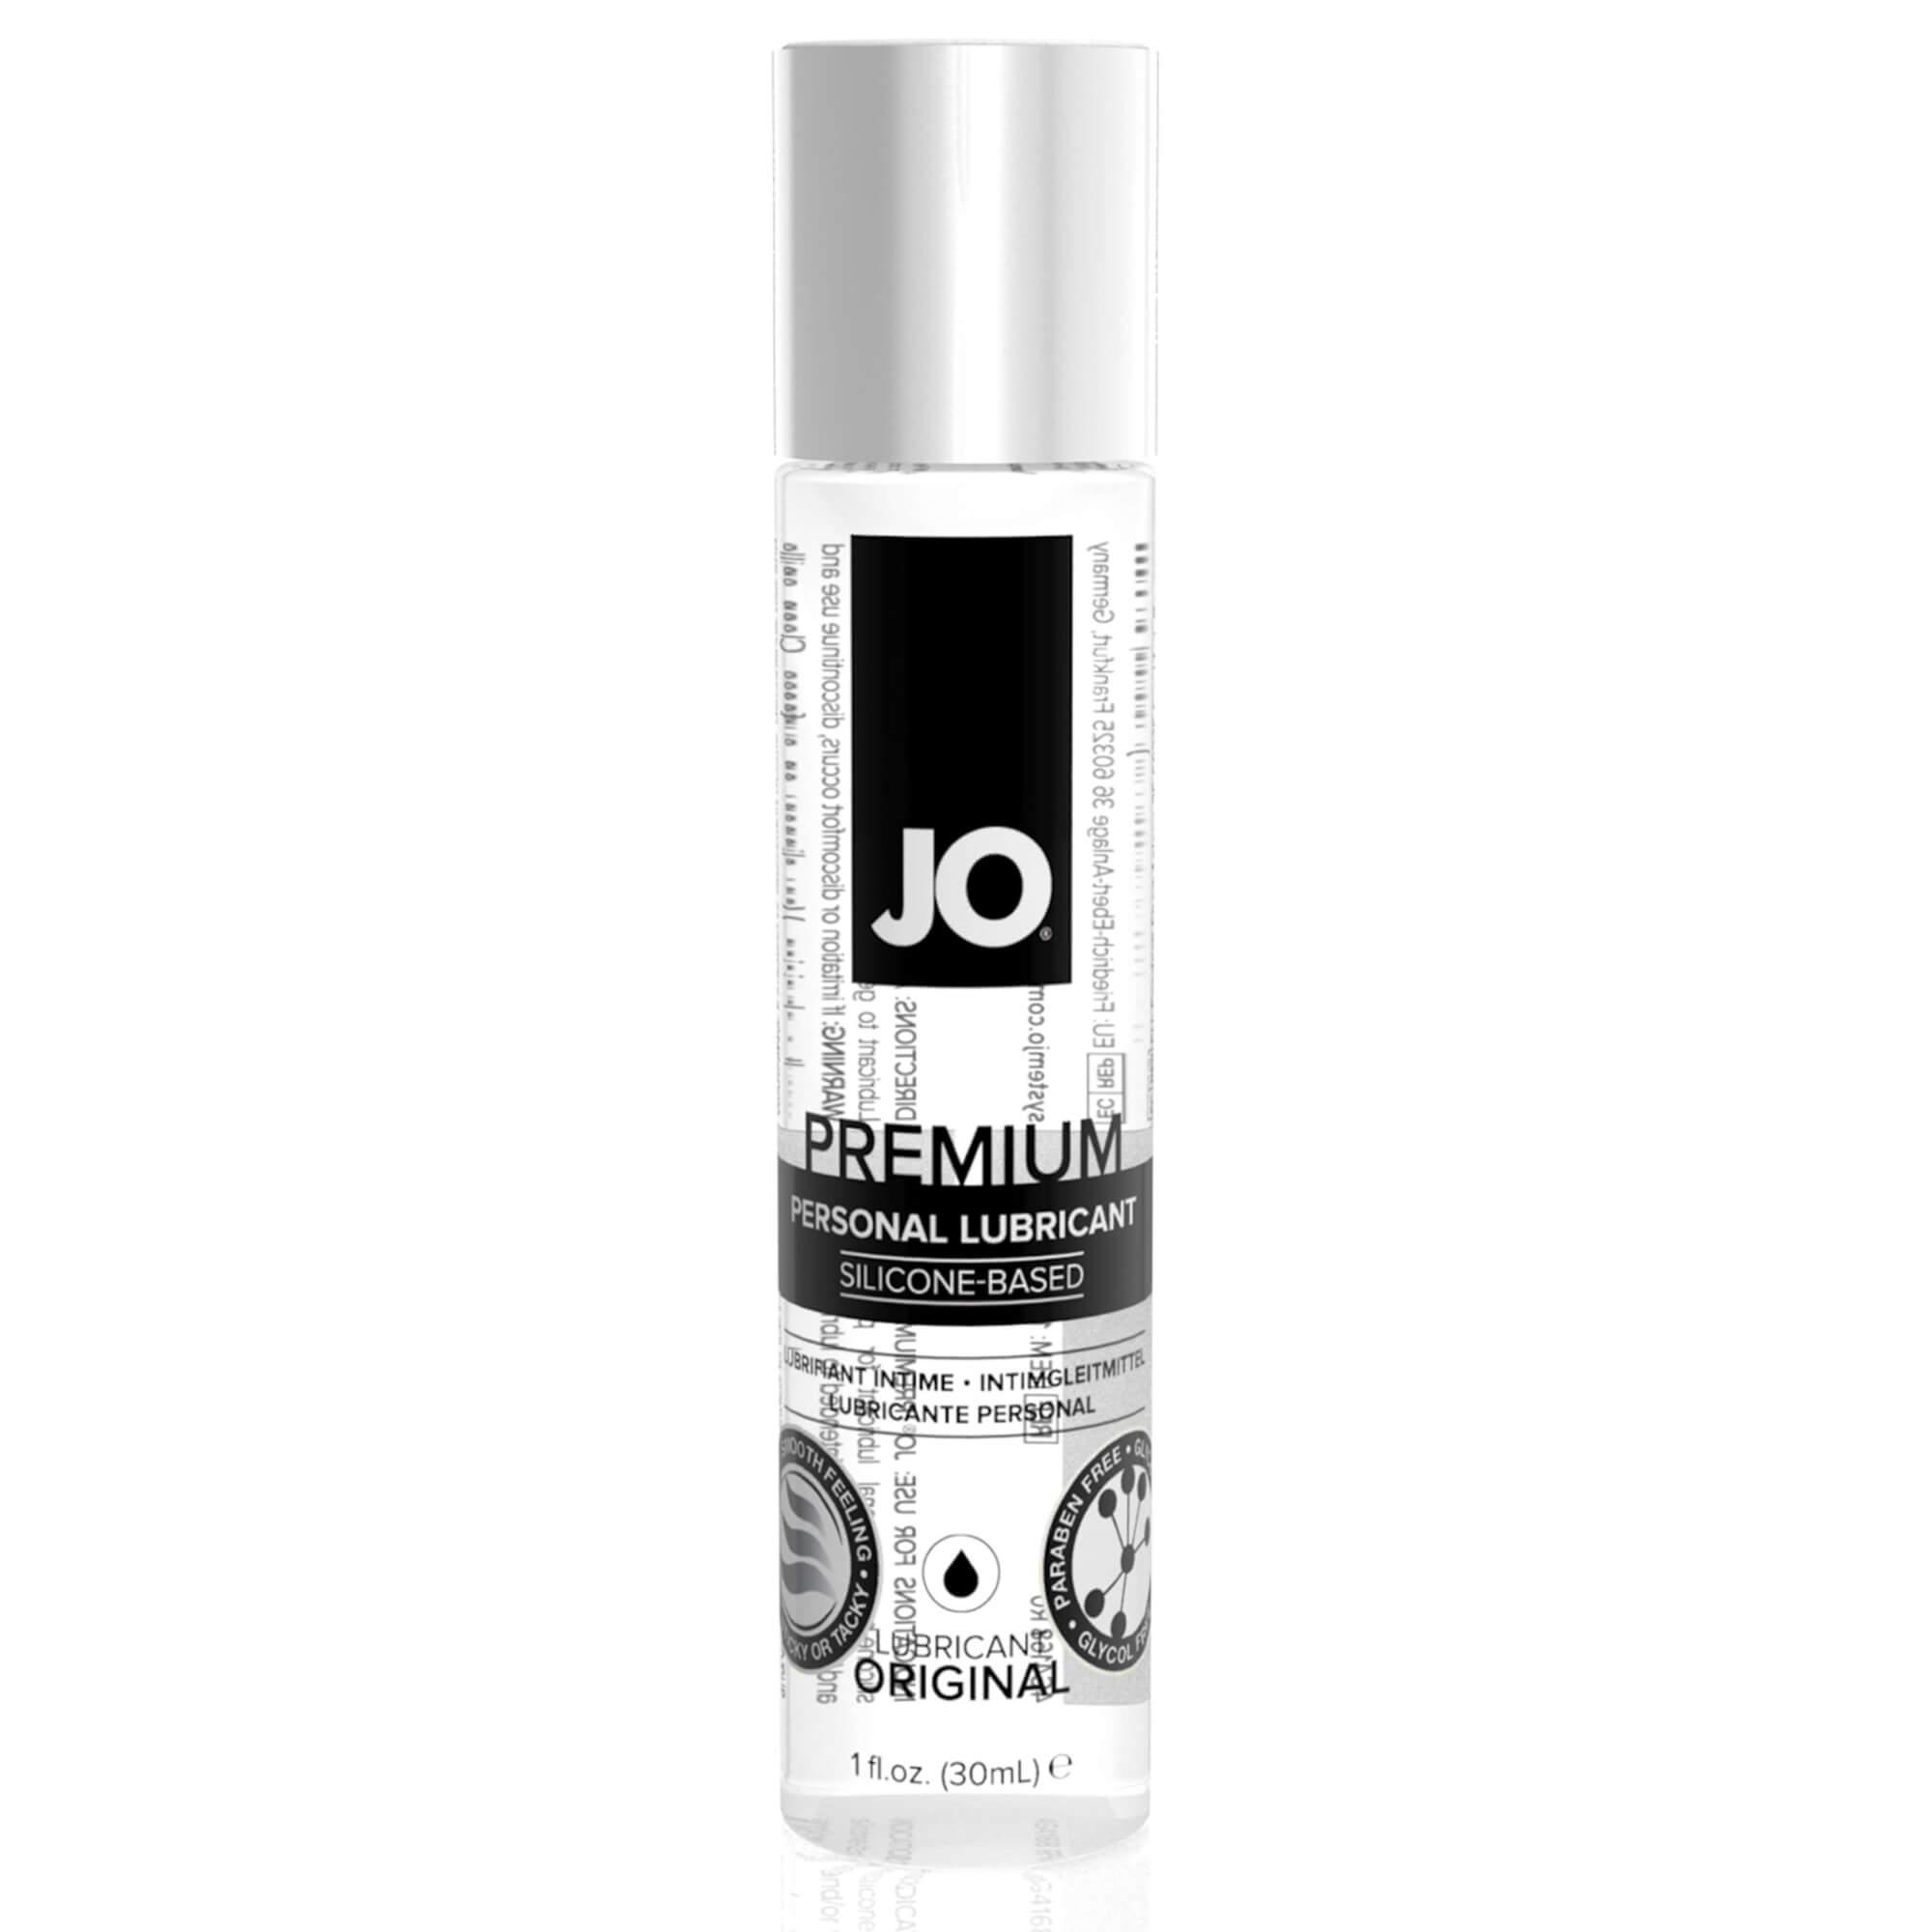 JO Silikónový lubrikant prémiovej kvality (30 ml)